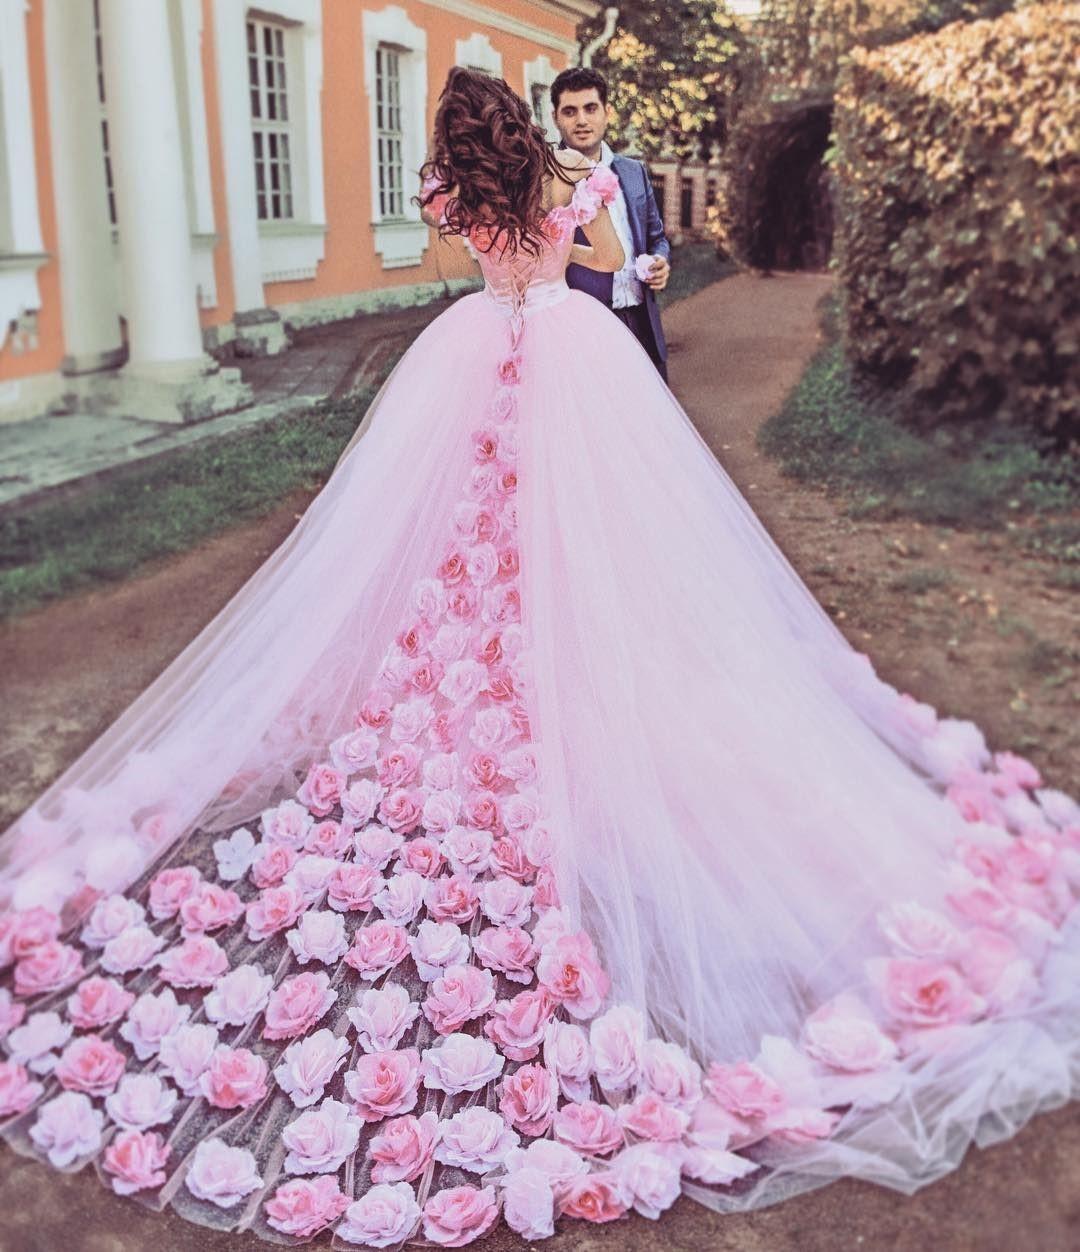 طراحی لباس عروس | آموزش طراحی لباس | آموزشگاه پیشکسوتان